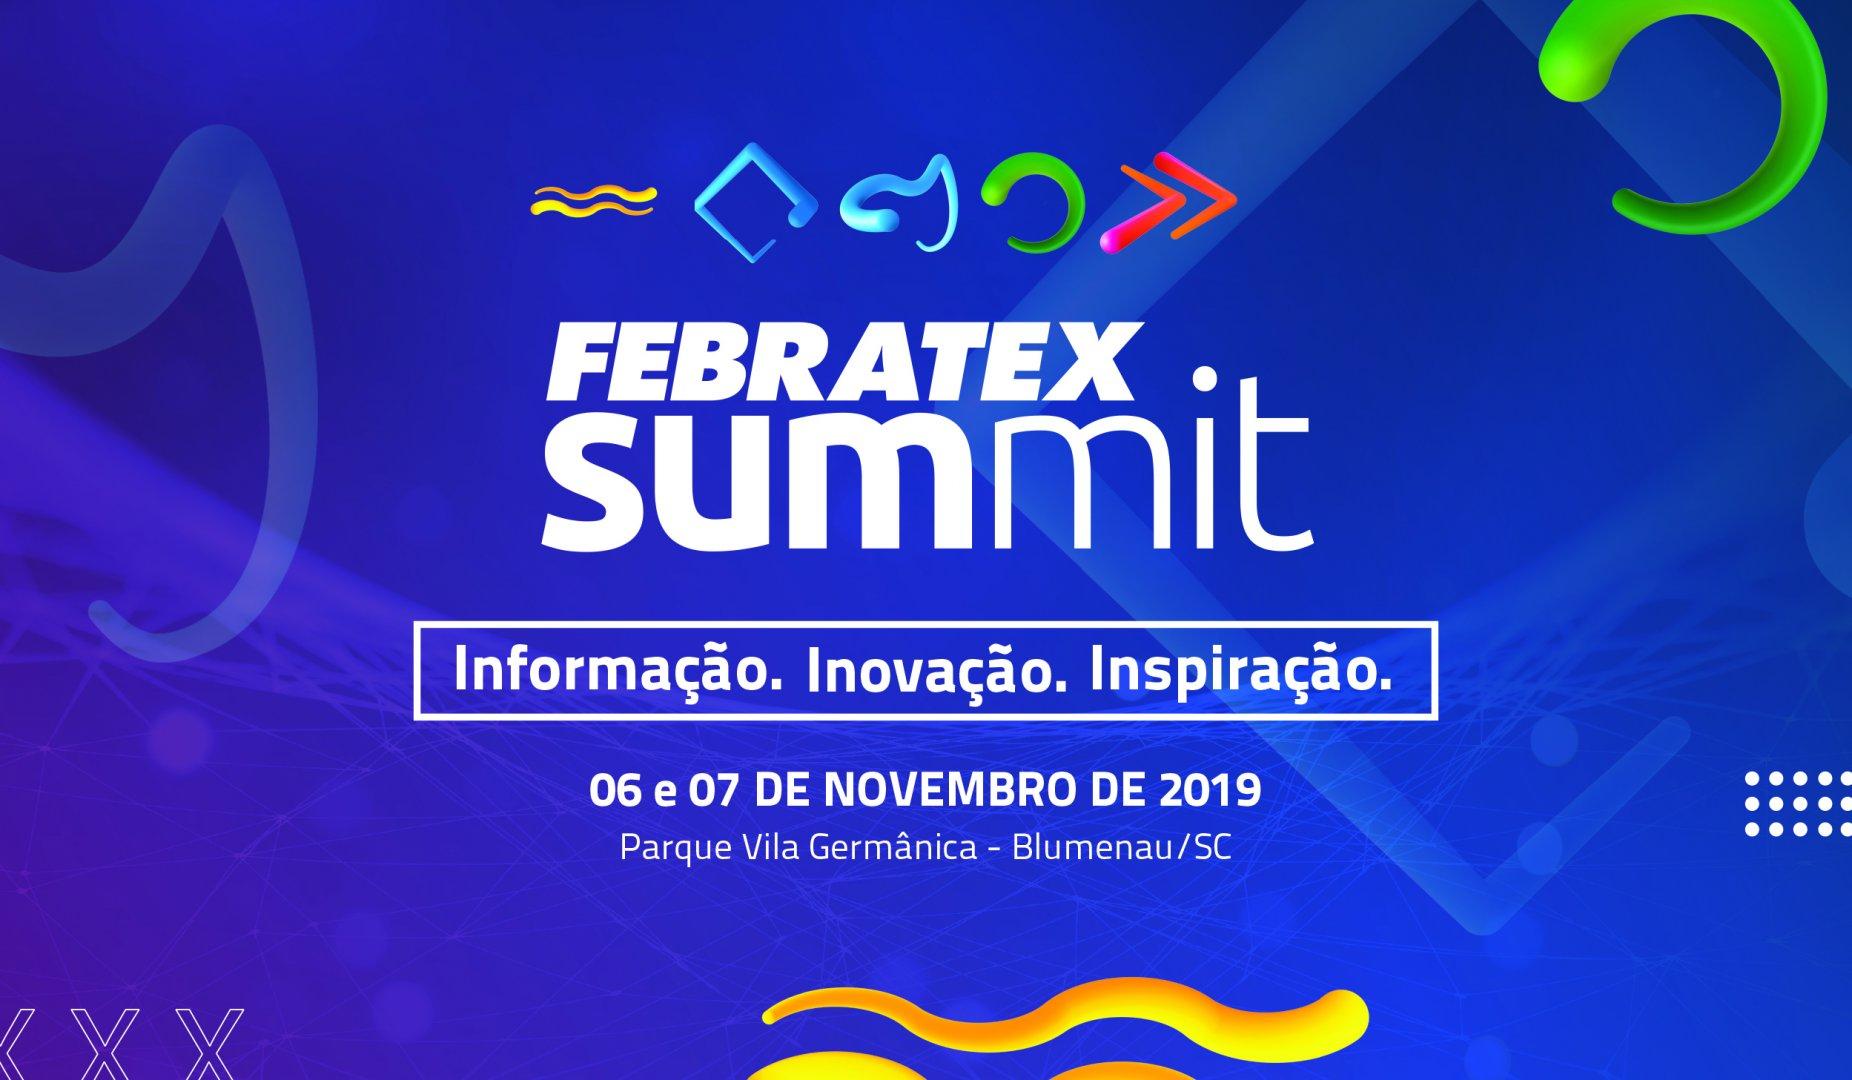 Febratex Summit levará inspiração e alta performance para setor têxtil brasileiro